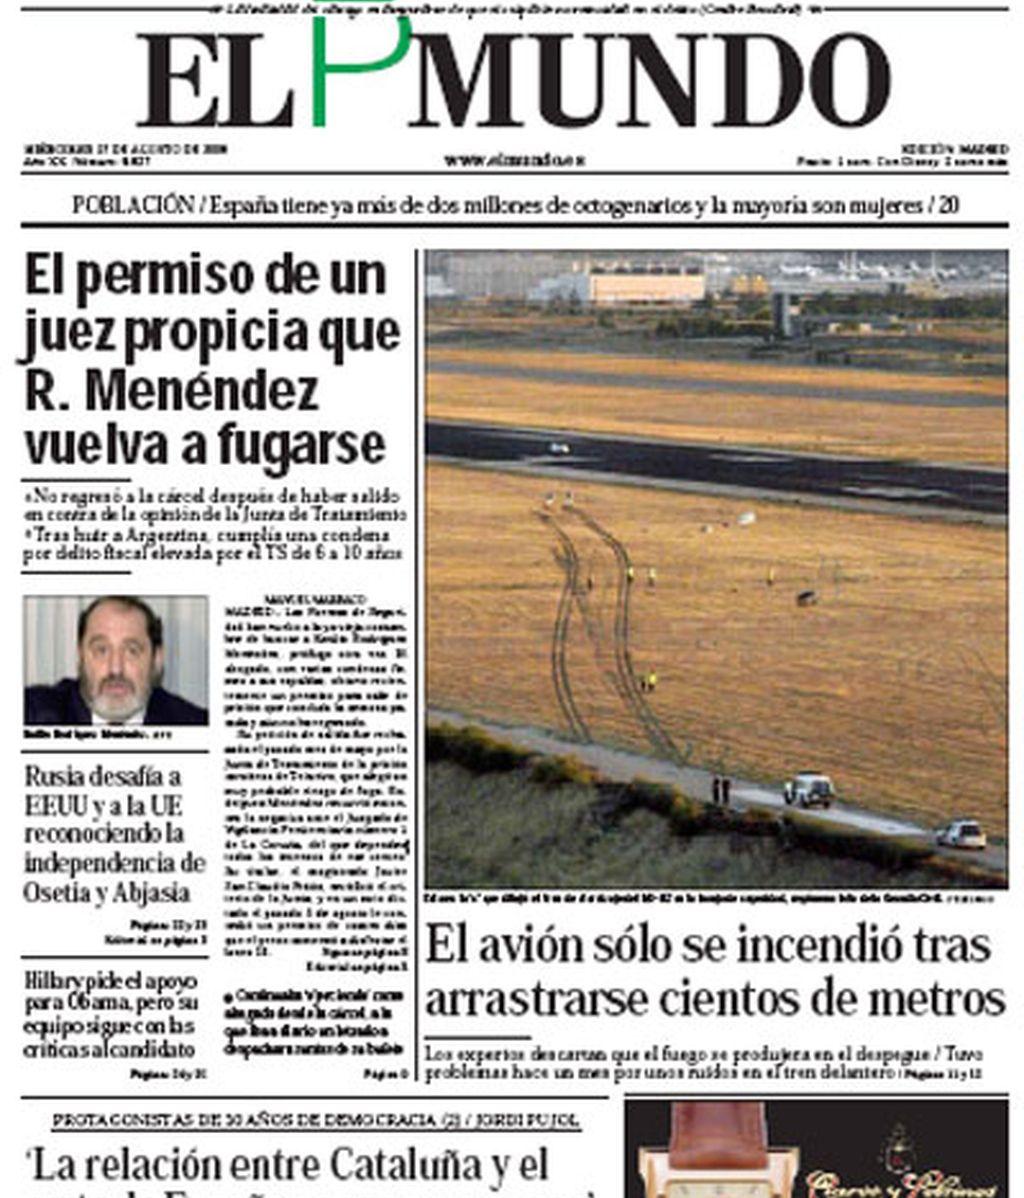 Imágenes exclusivas de Telecinco en los diarios nacionales